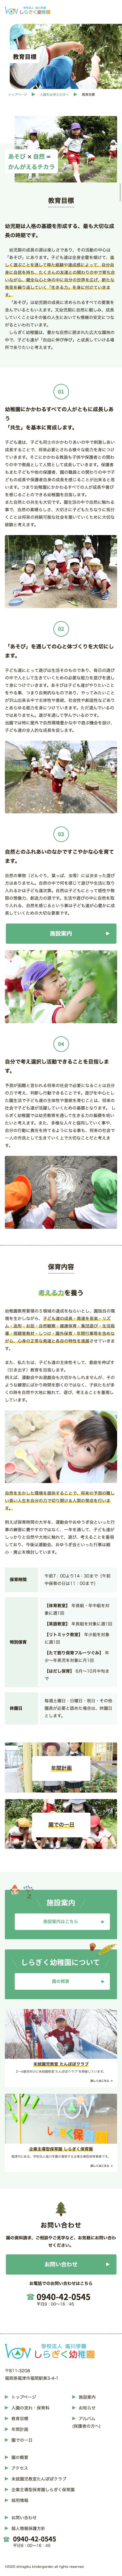 学校法⼈塩川学園 しらぎく幼稚園様 SP画像